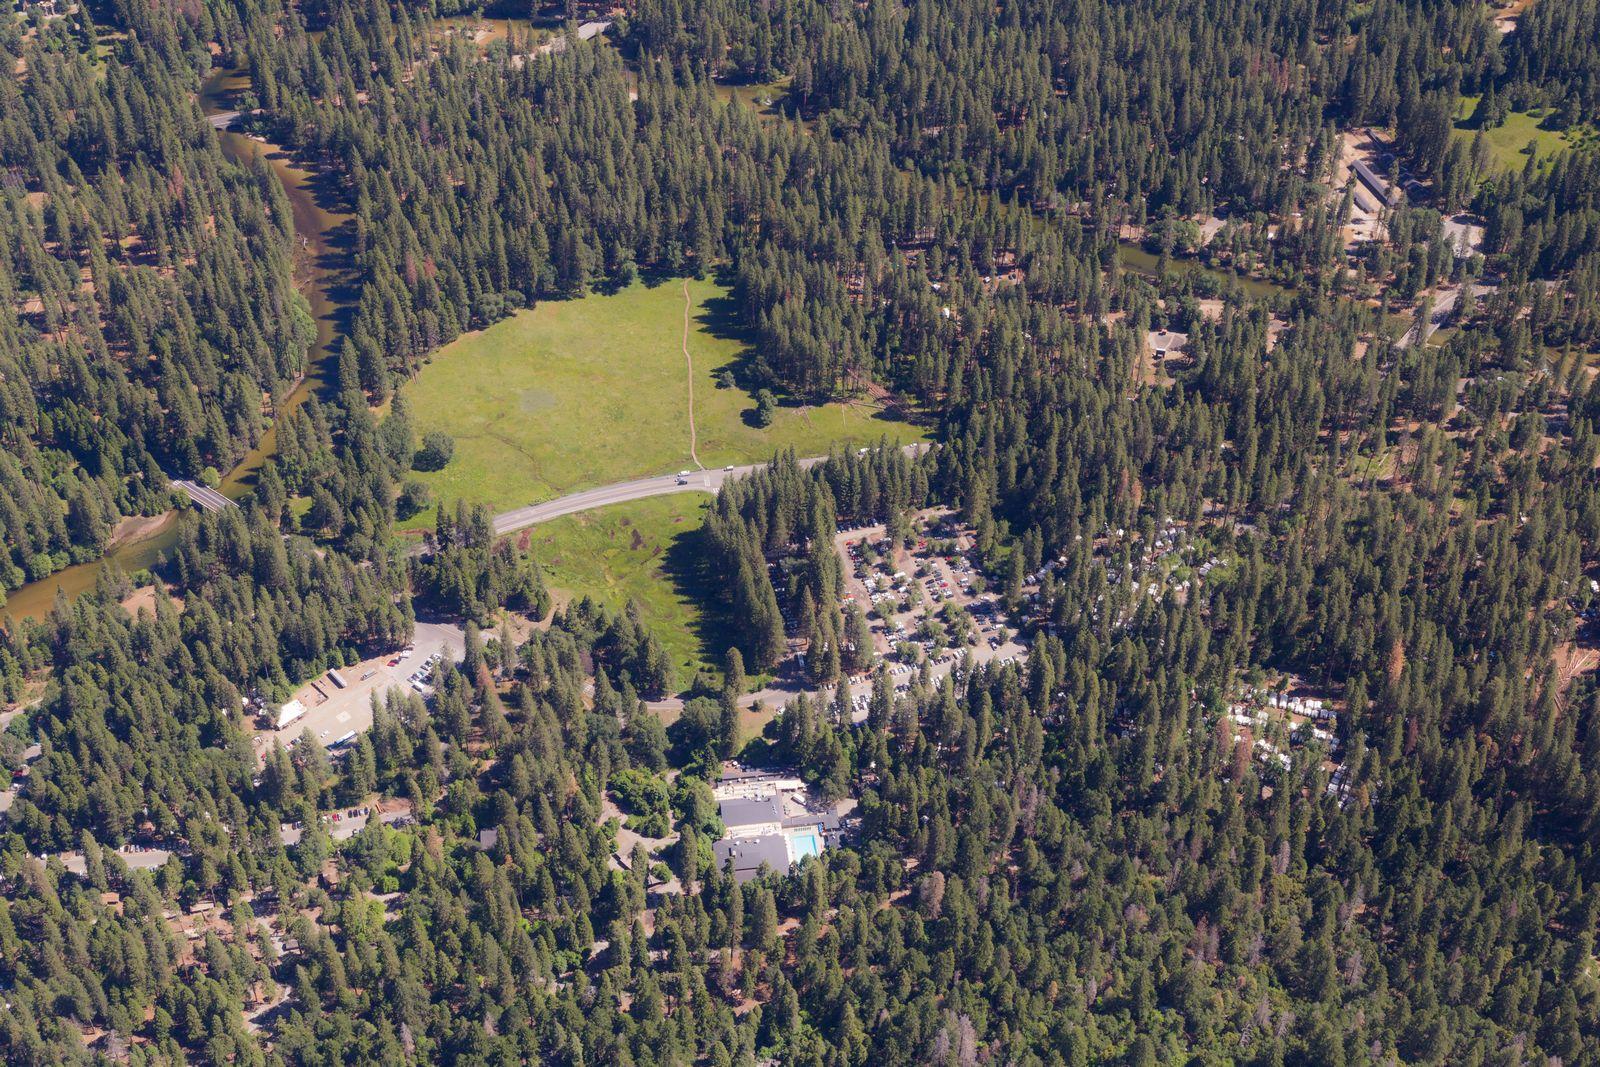 Yosemite Valley desde las alturas